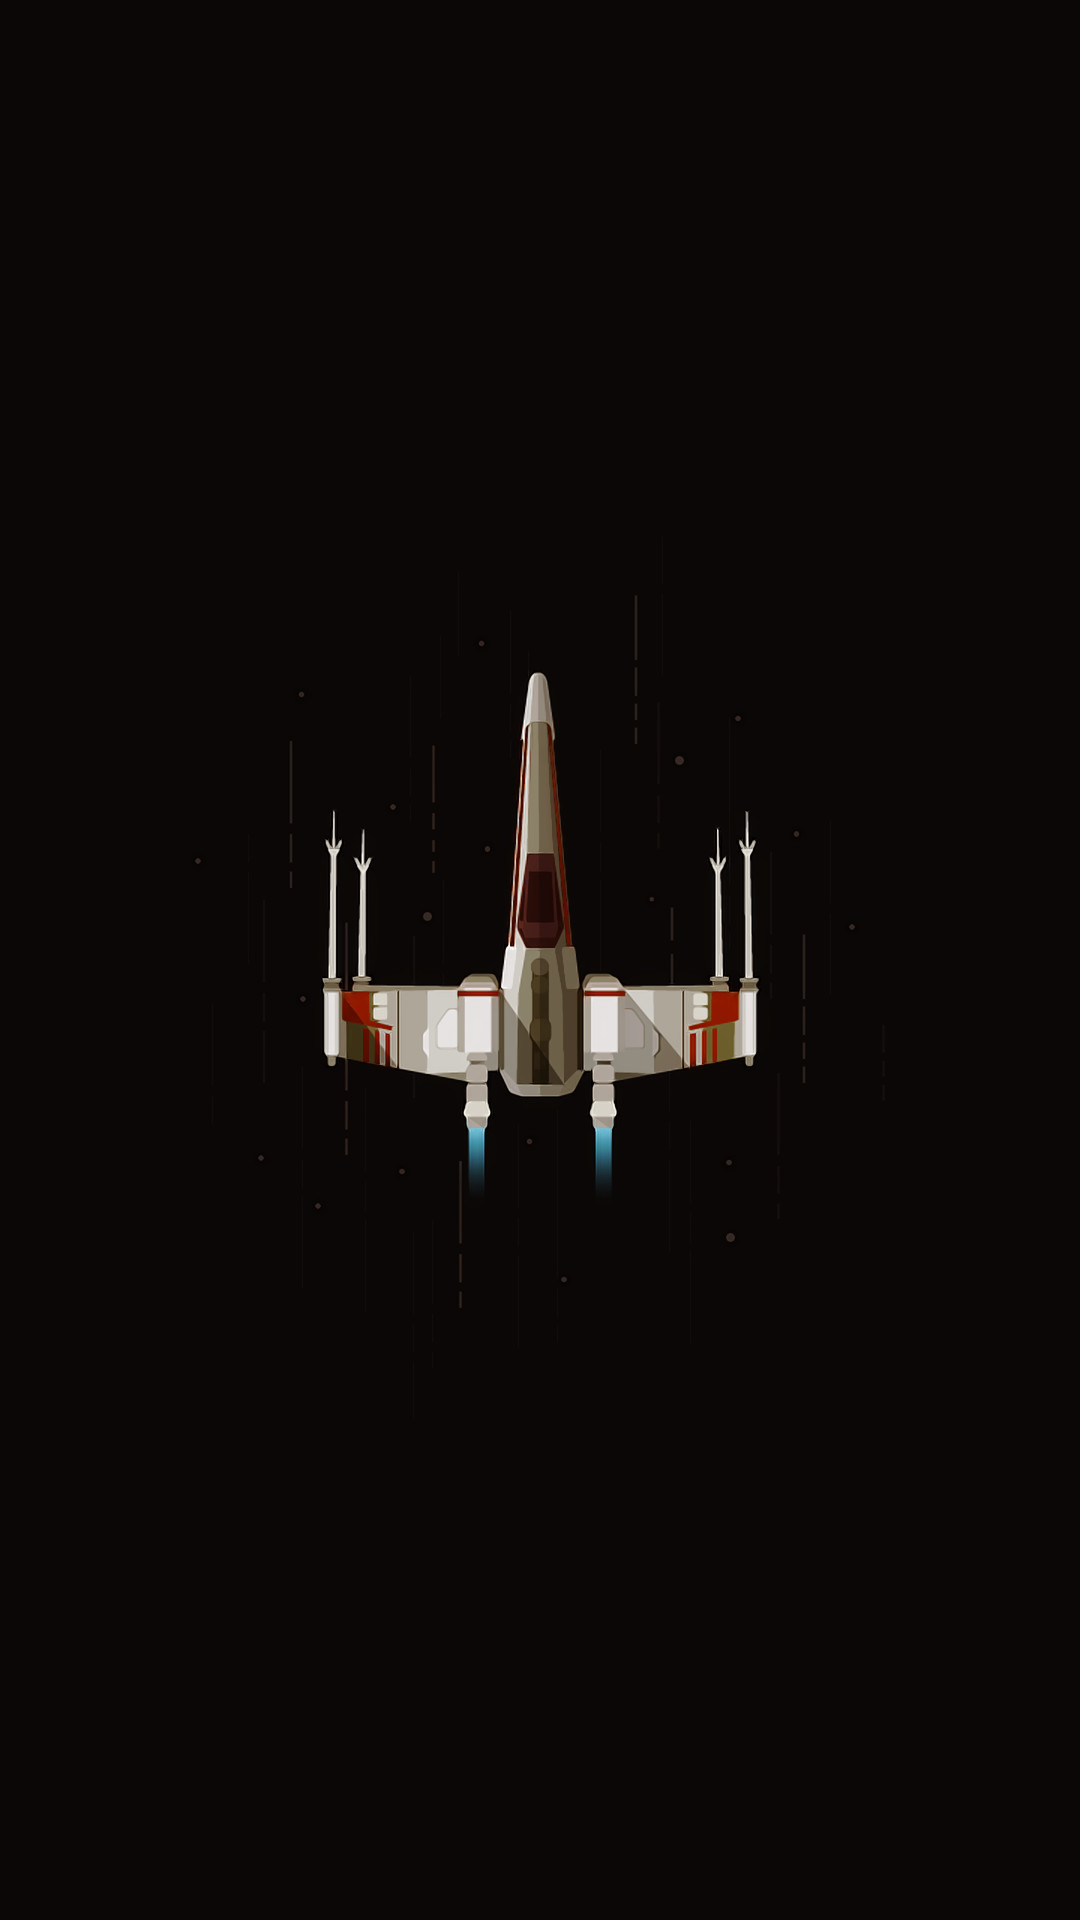 General digital art portrait display rocket spaceship simple  background minimalism space flying black background X